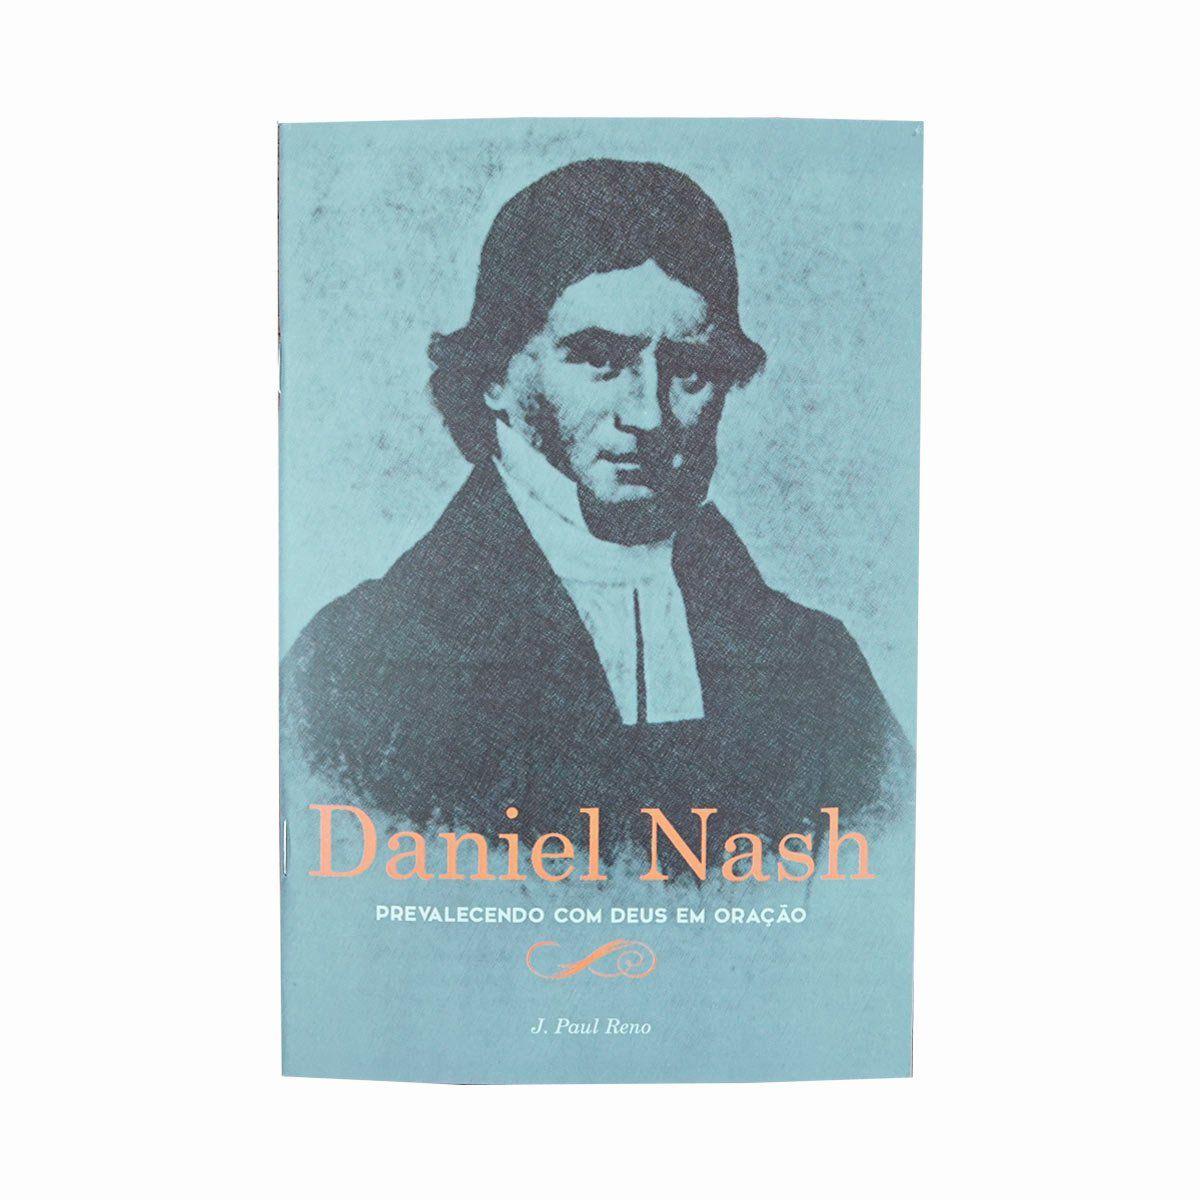 Daniel Nash  - Jesuscopy